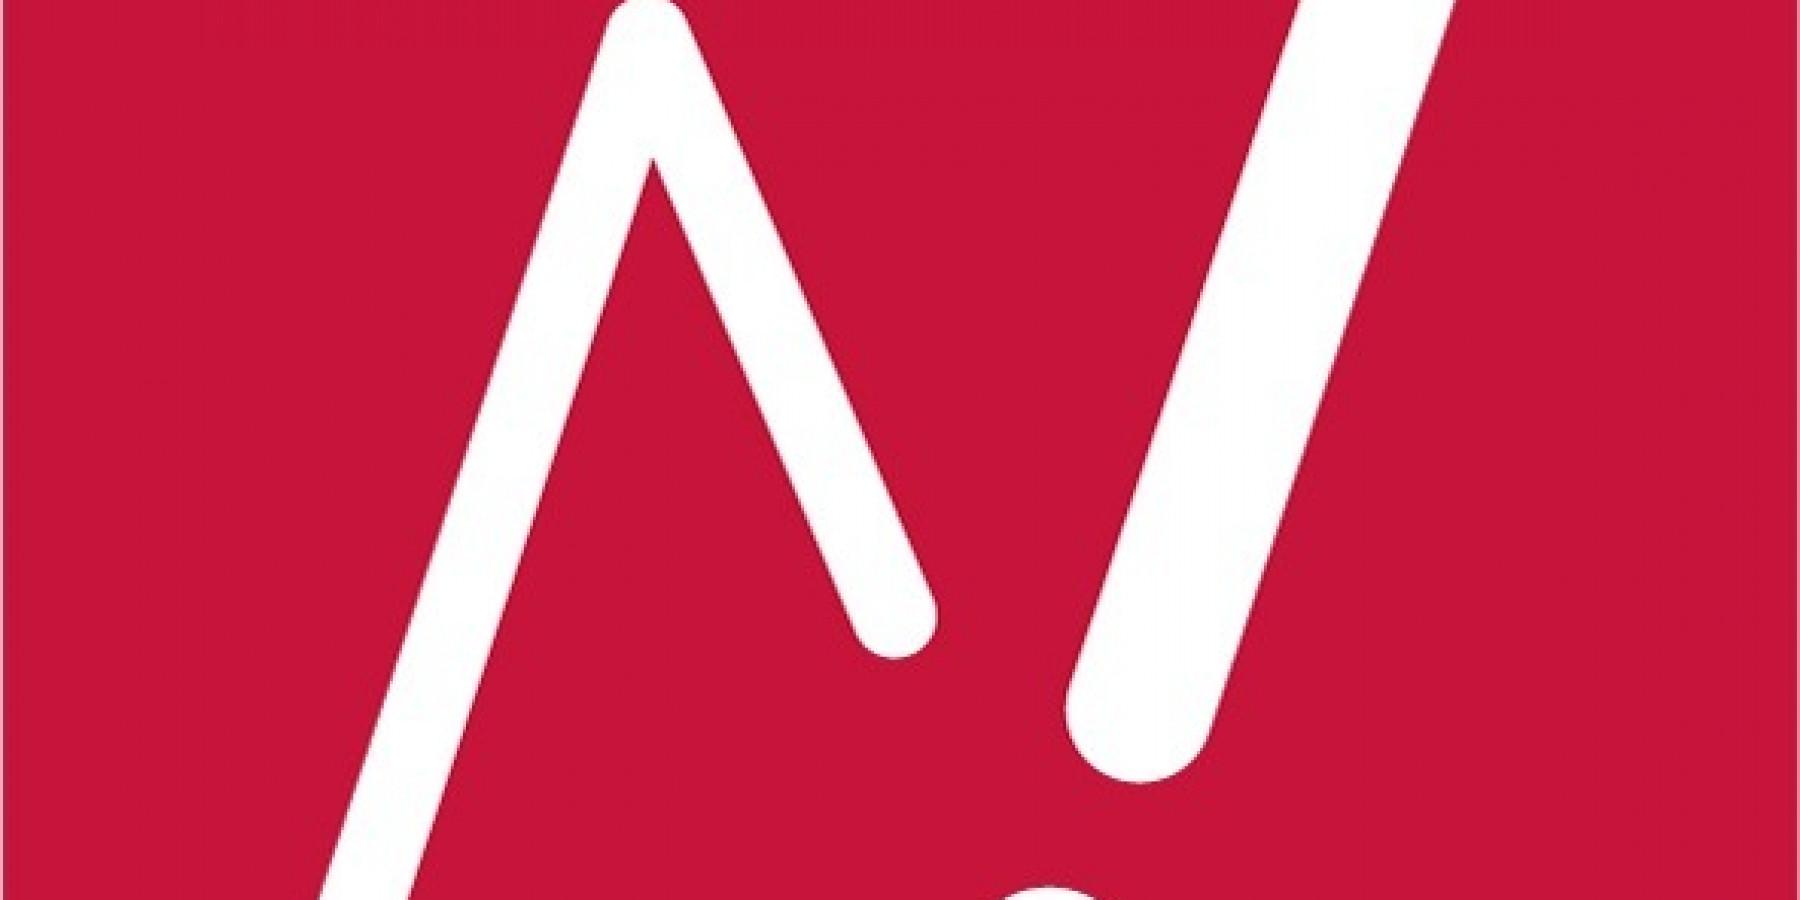 bautec 2020: N! steht für Neuheit